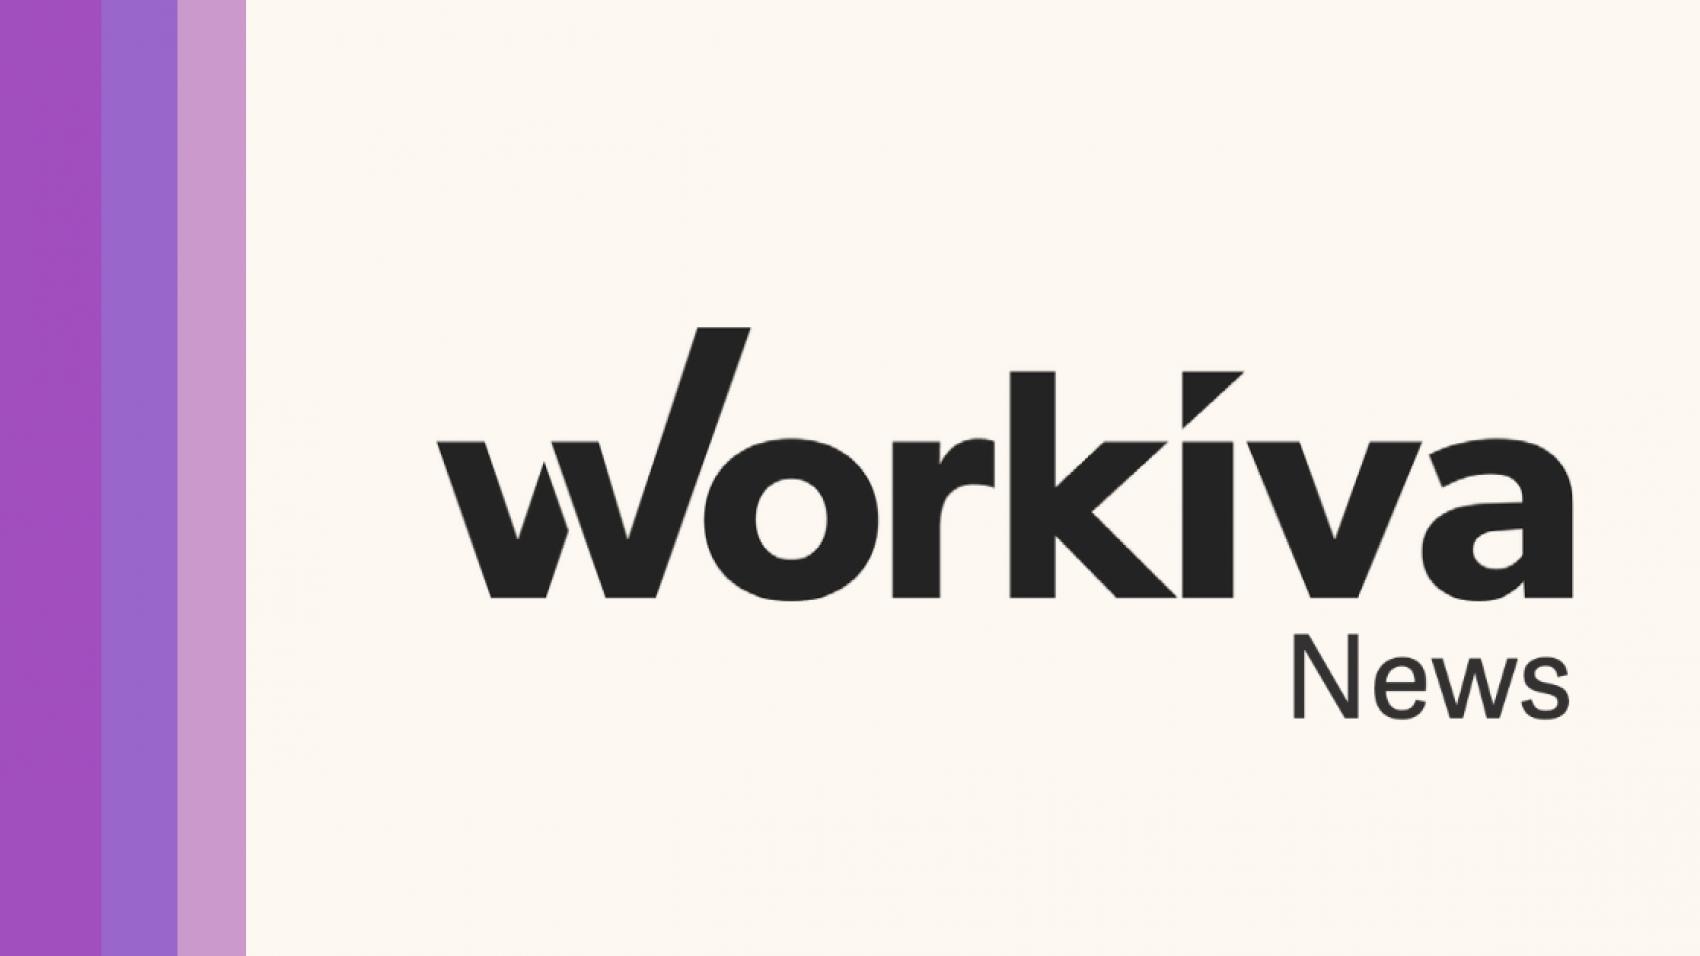 Workiva News